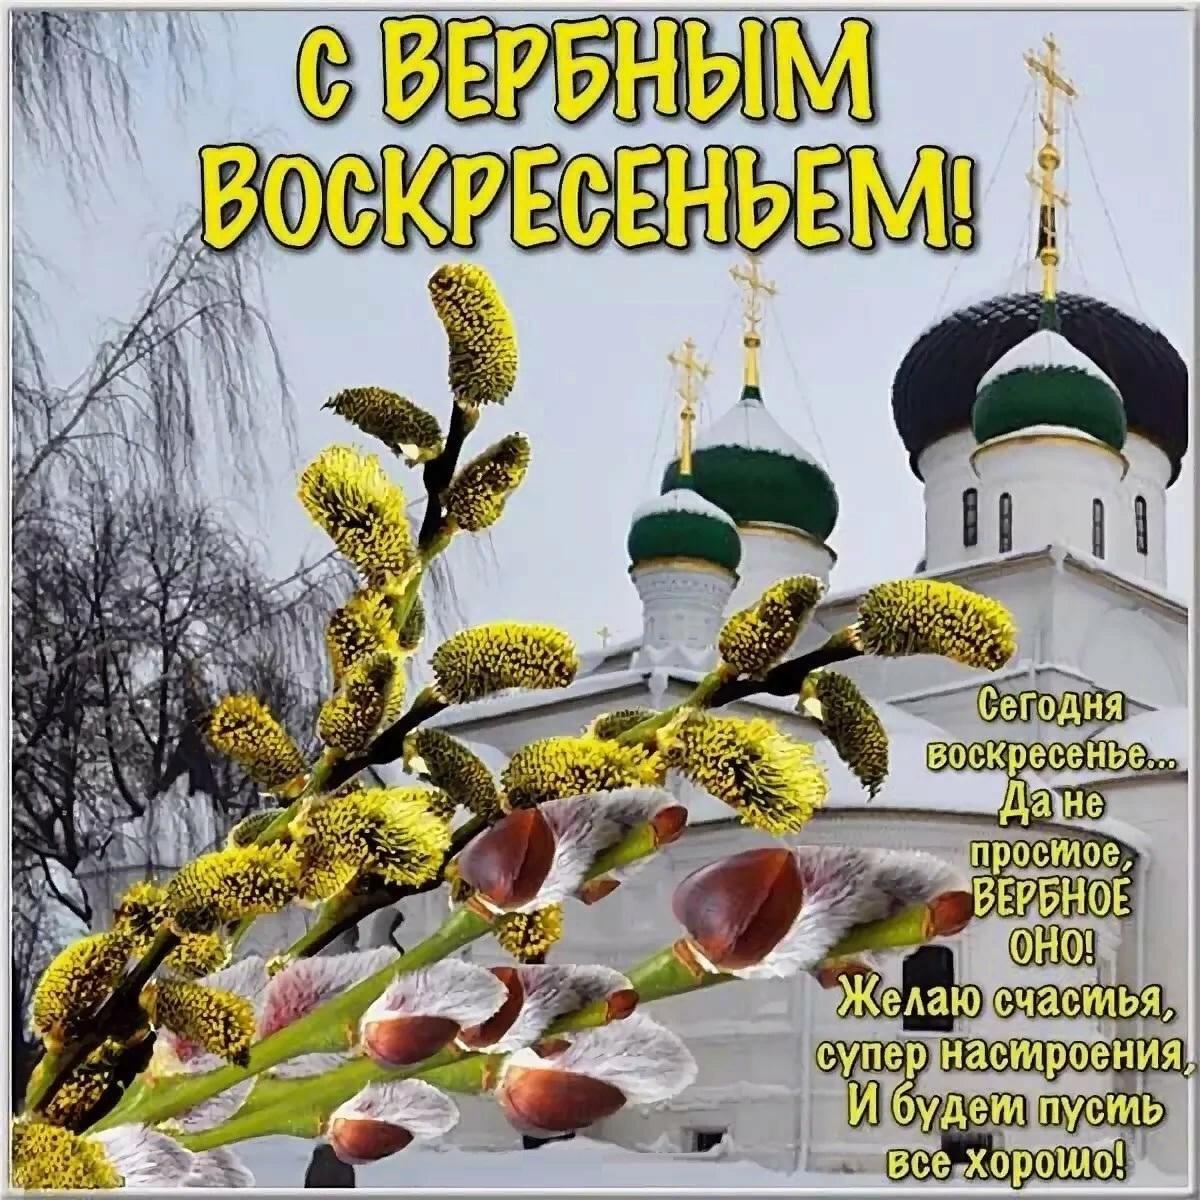 Фото Вербное воскресенье 25 апреля: красивые открытки и душевные поздравления 14